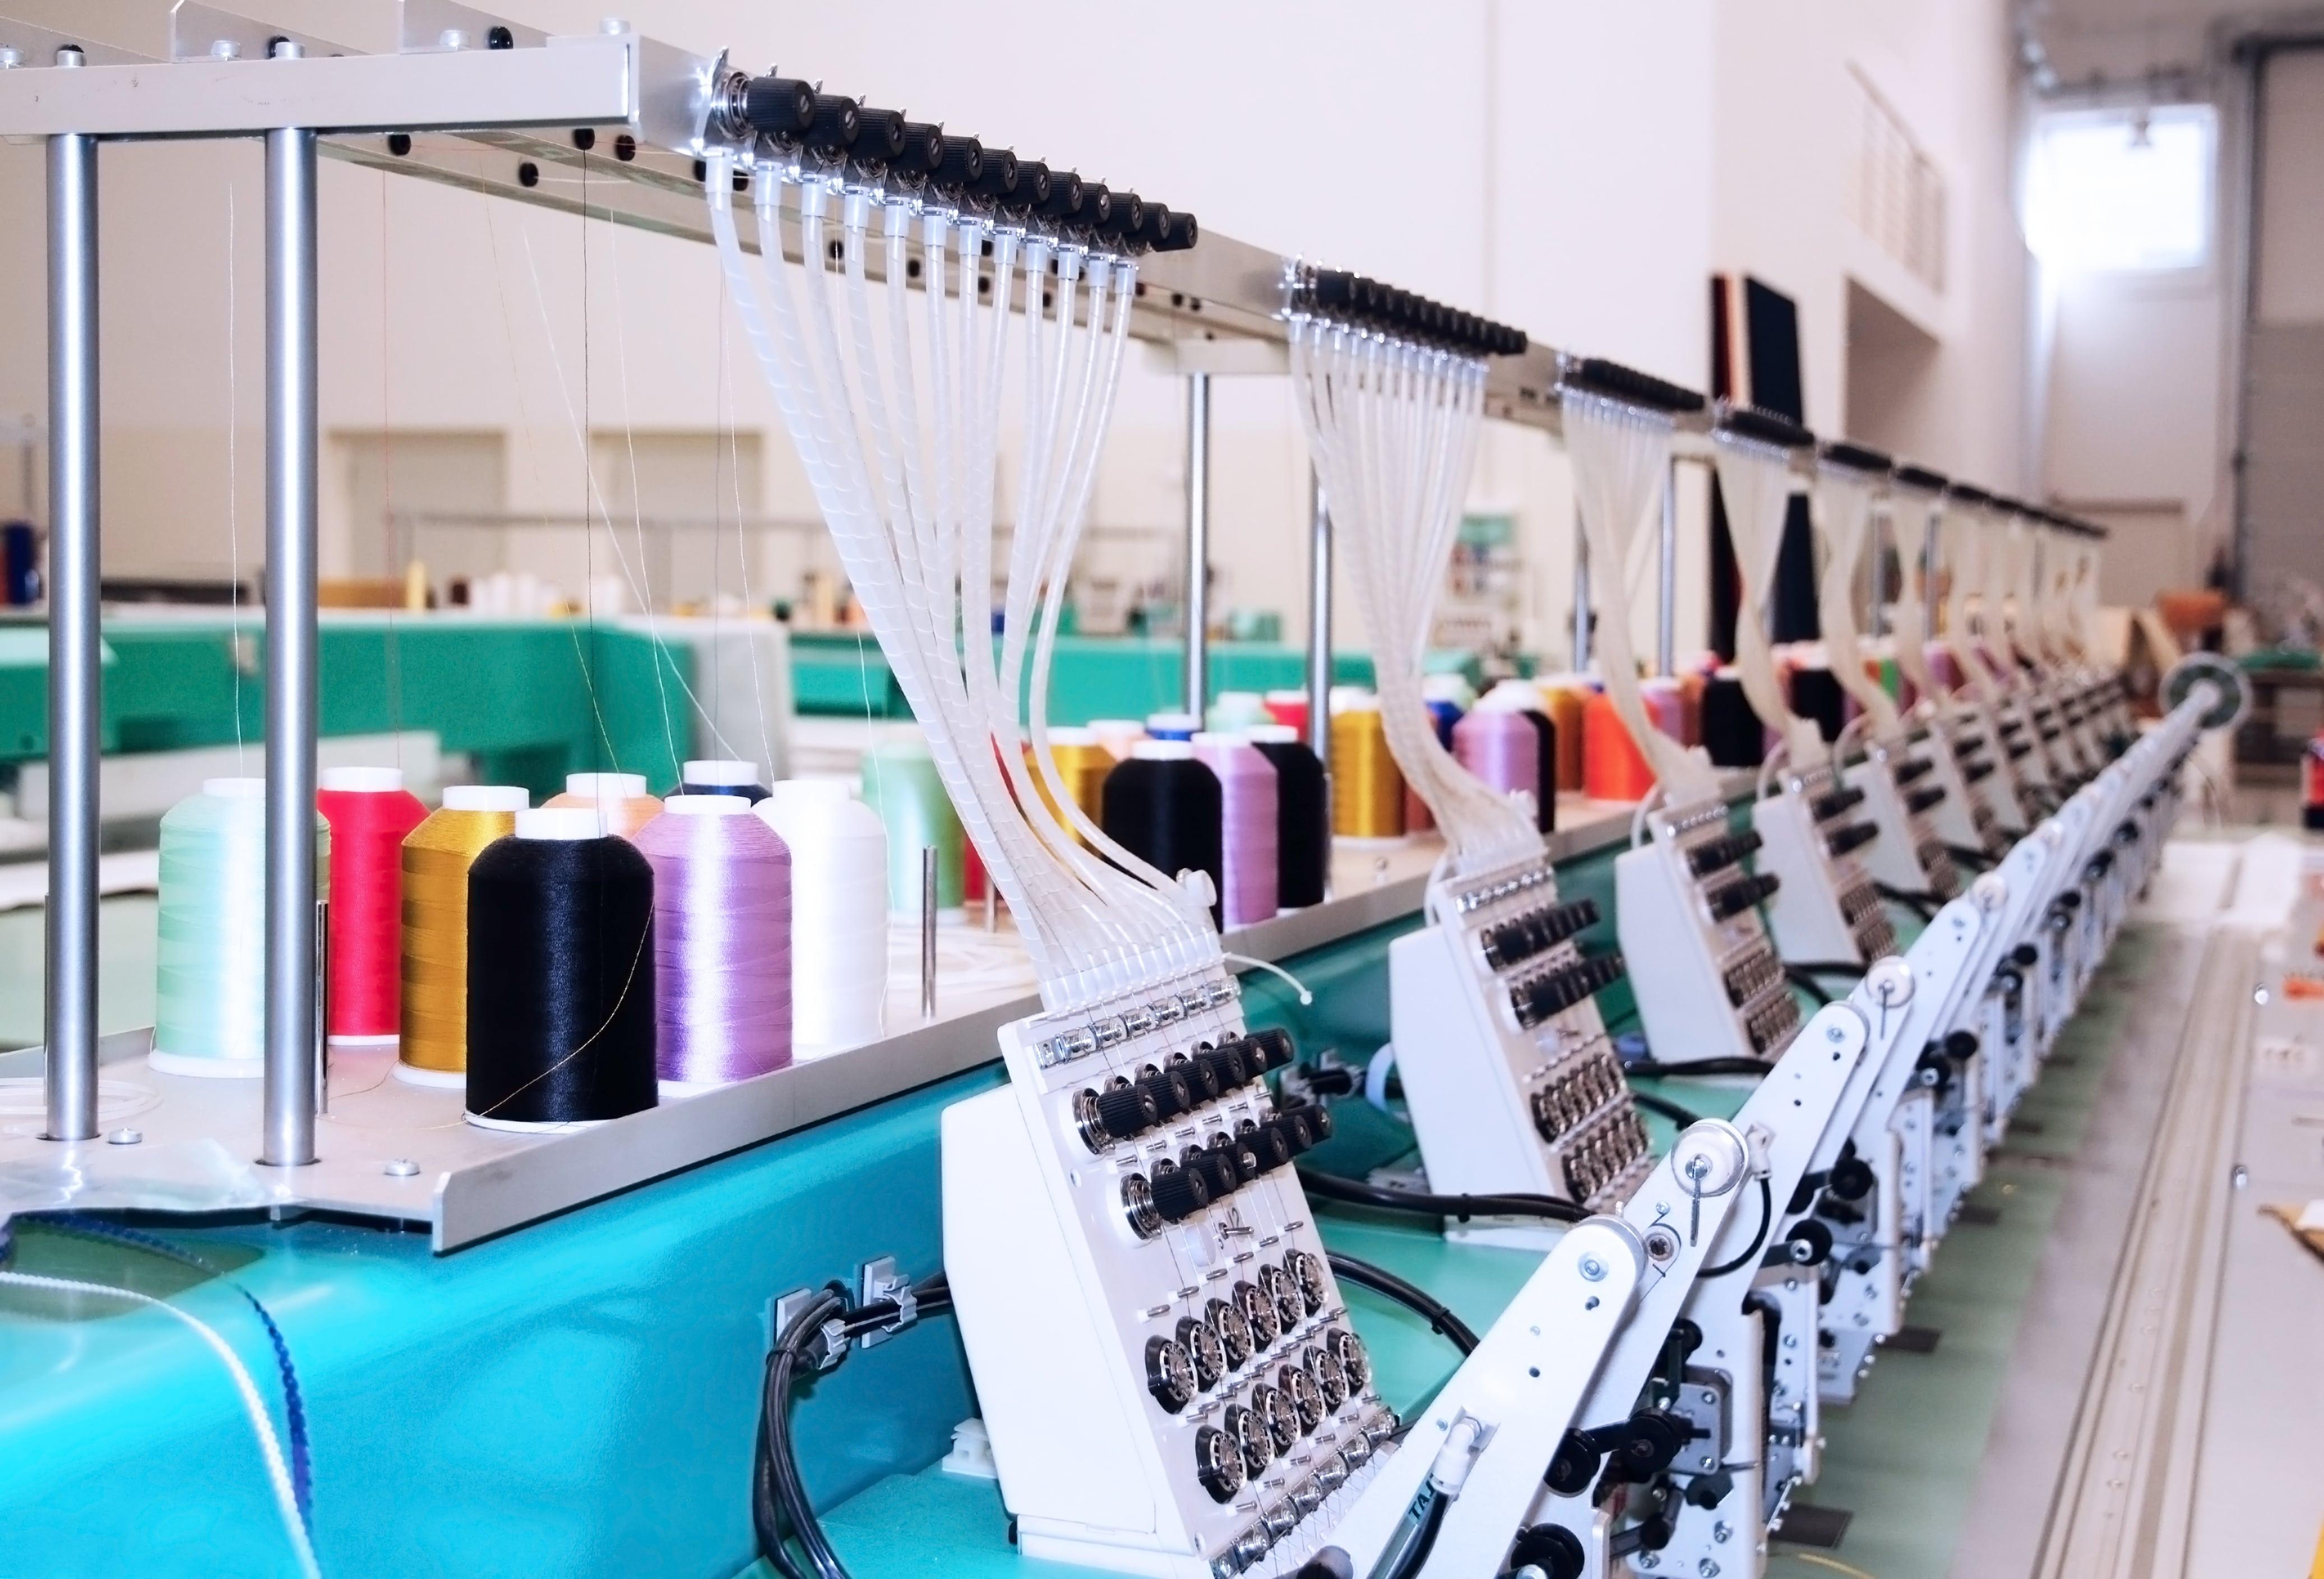 Maszyna wykonująca haft na odzieży